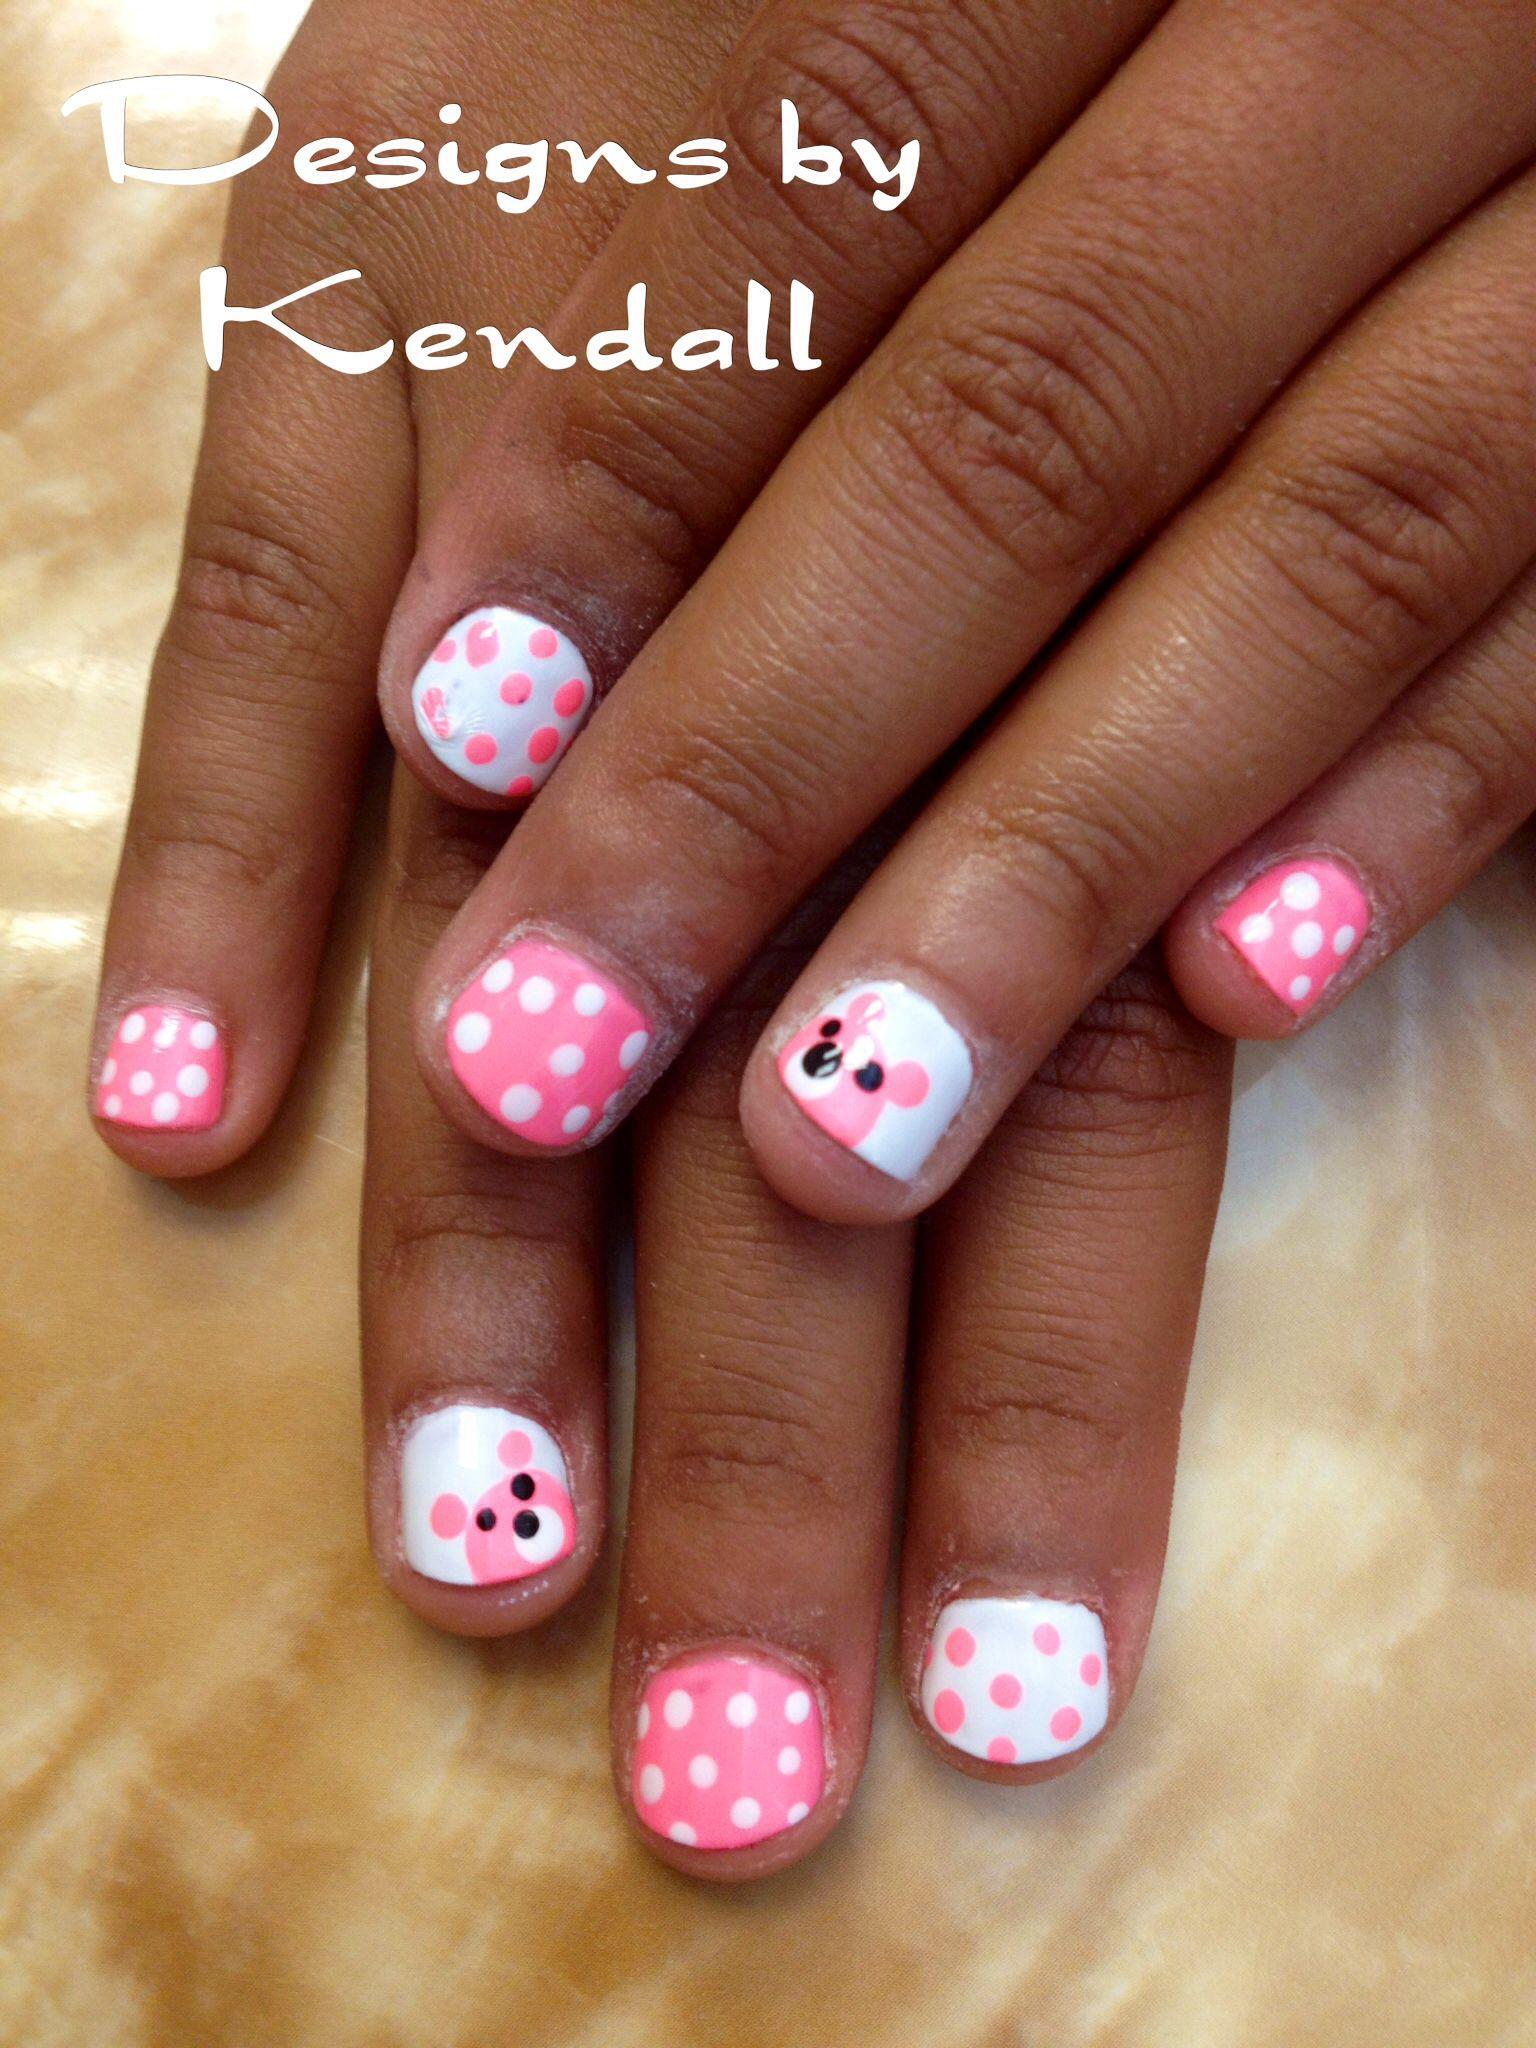 Kid nail designs. Baby bears nail art. - Kid Nail Designs. Baby Bears Nail Art. Nails By Kendall